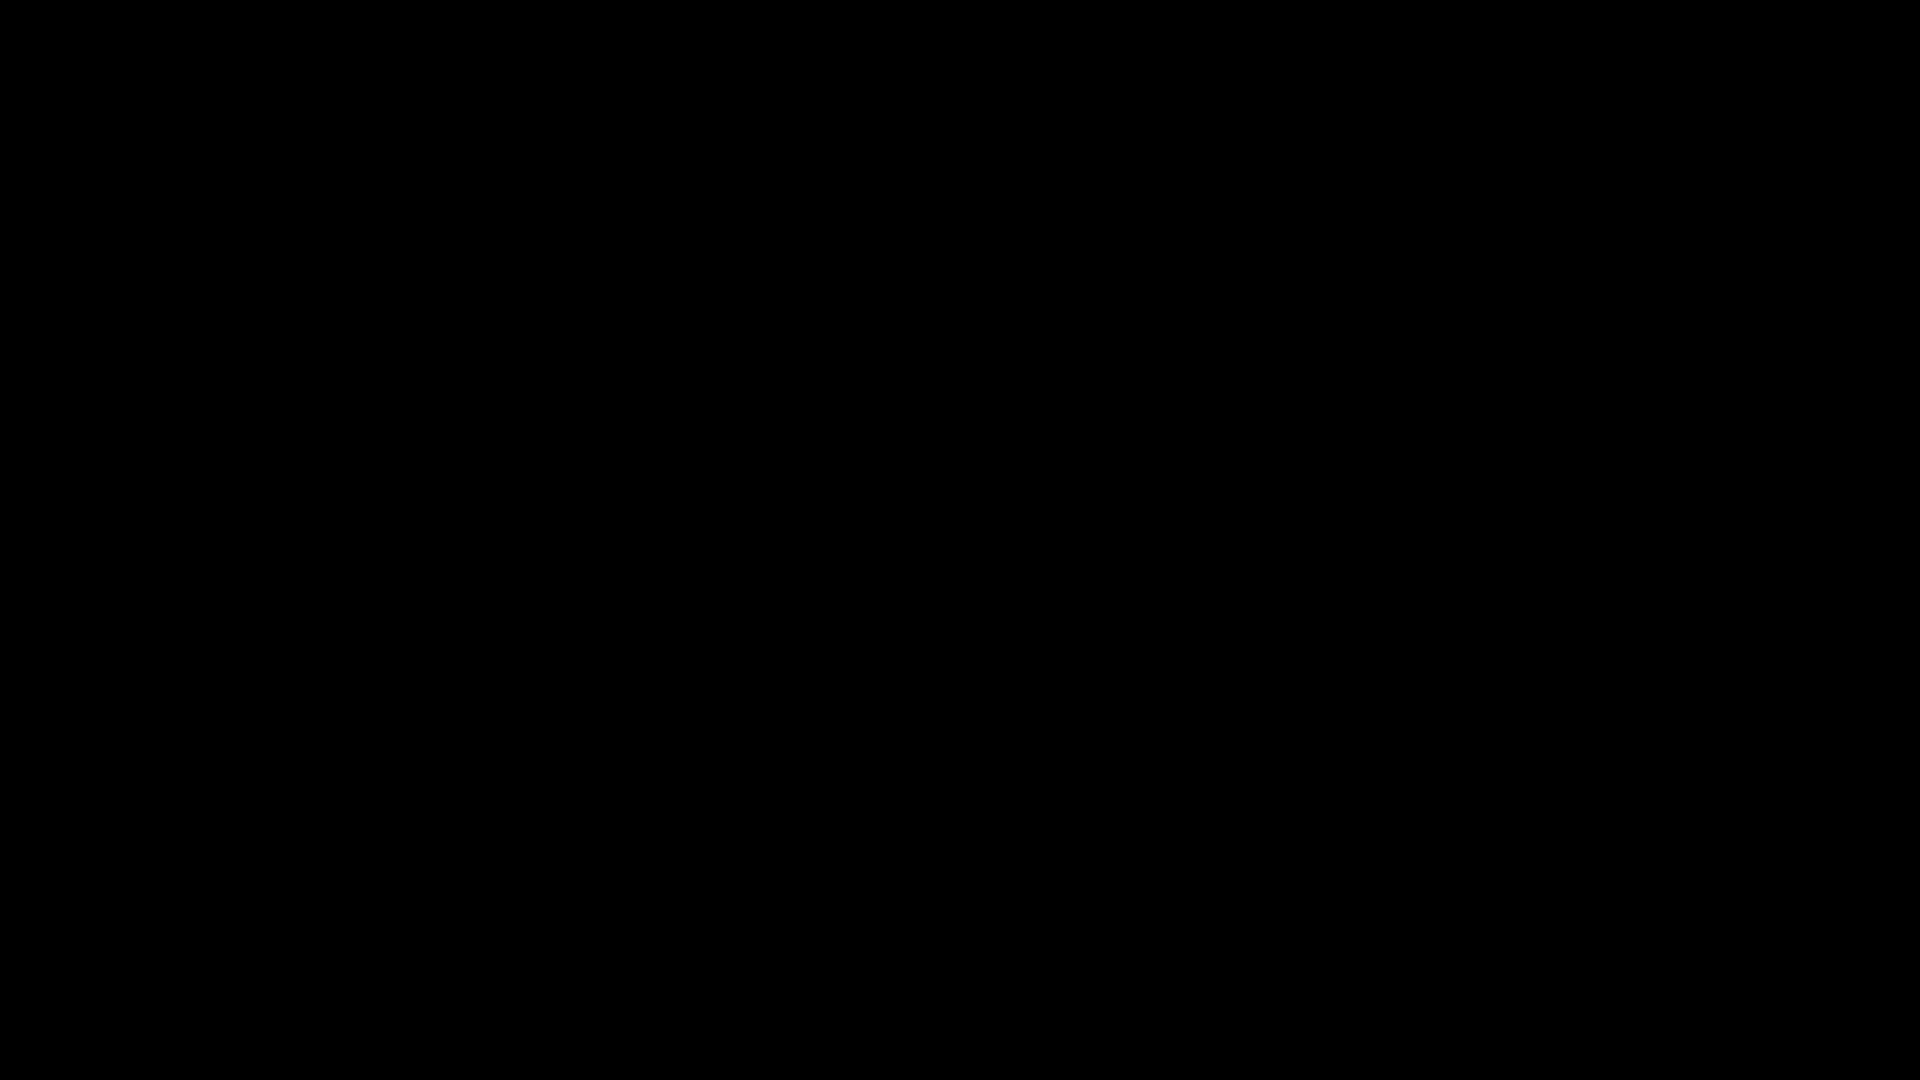 美しい日本の未来 特別版 軌跡2 オマンコ無修正  94Pix 64